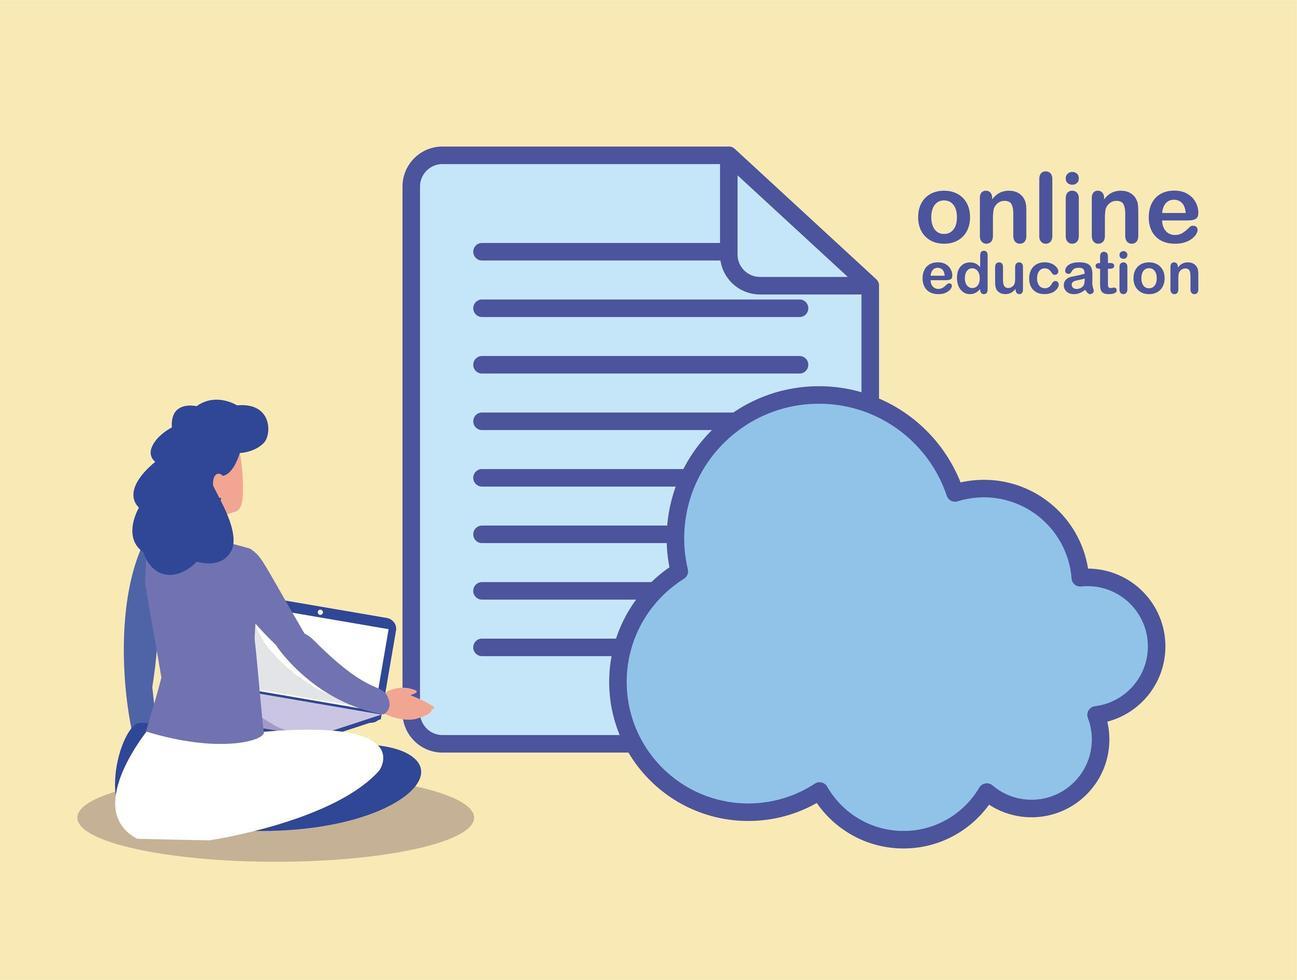 vrouw met computerwolk en elektronisch dossier, online onderwijs vector